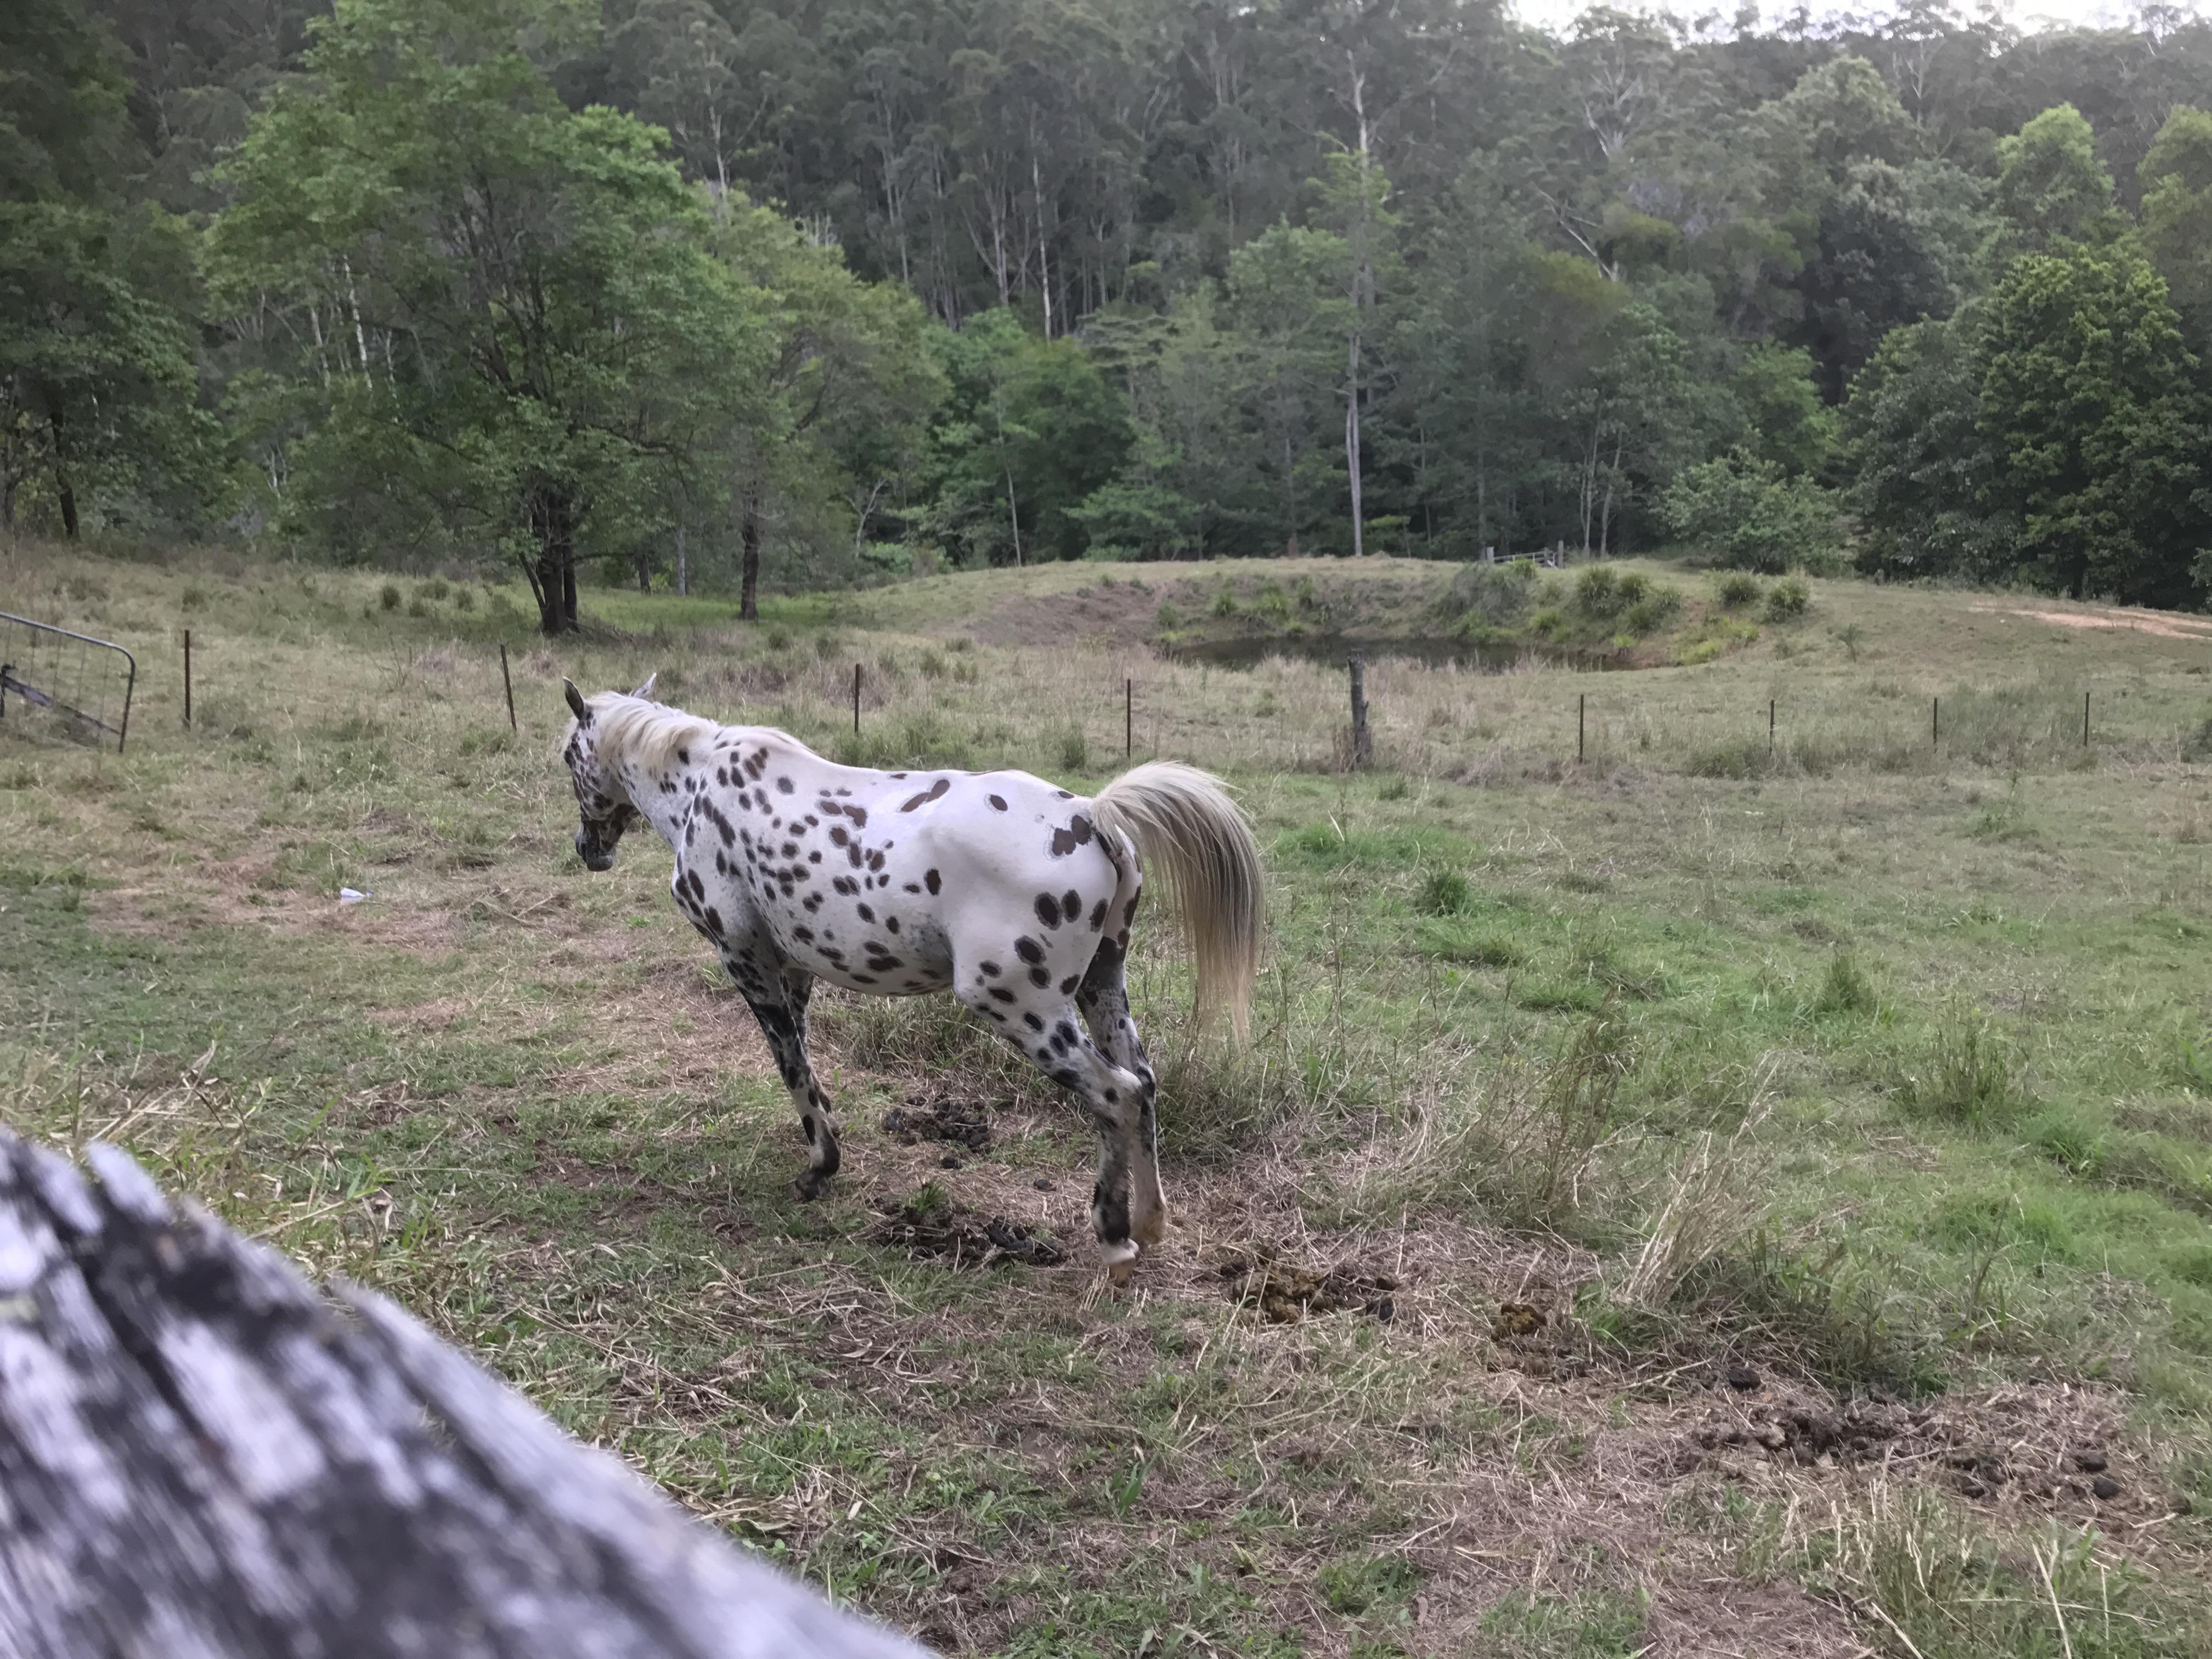 Leopard Appaloosa stallion